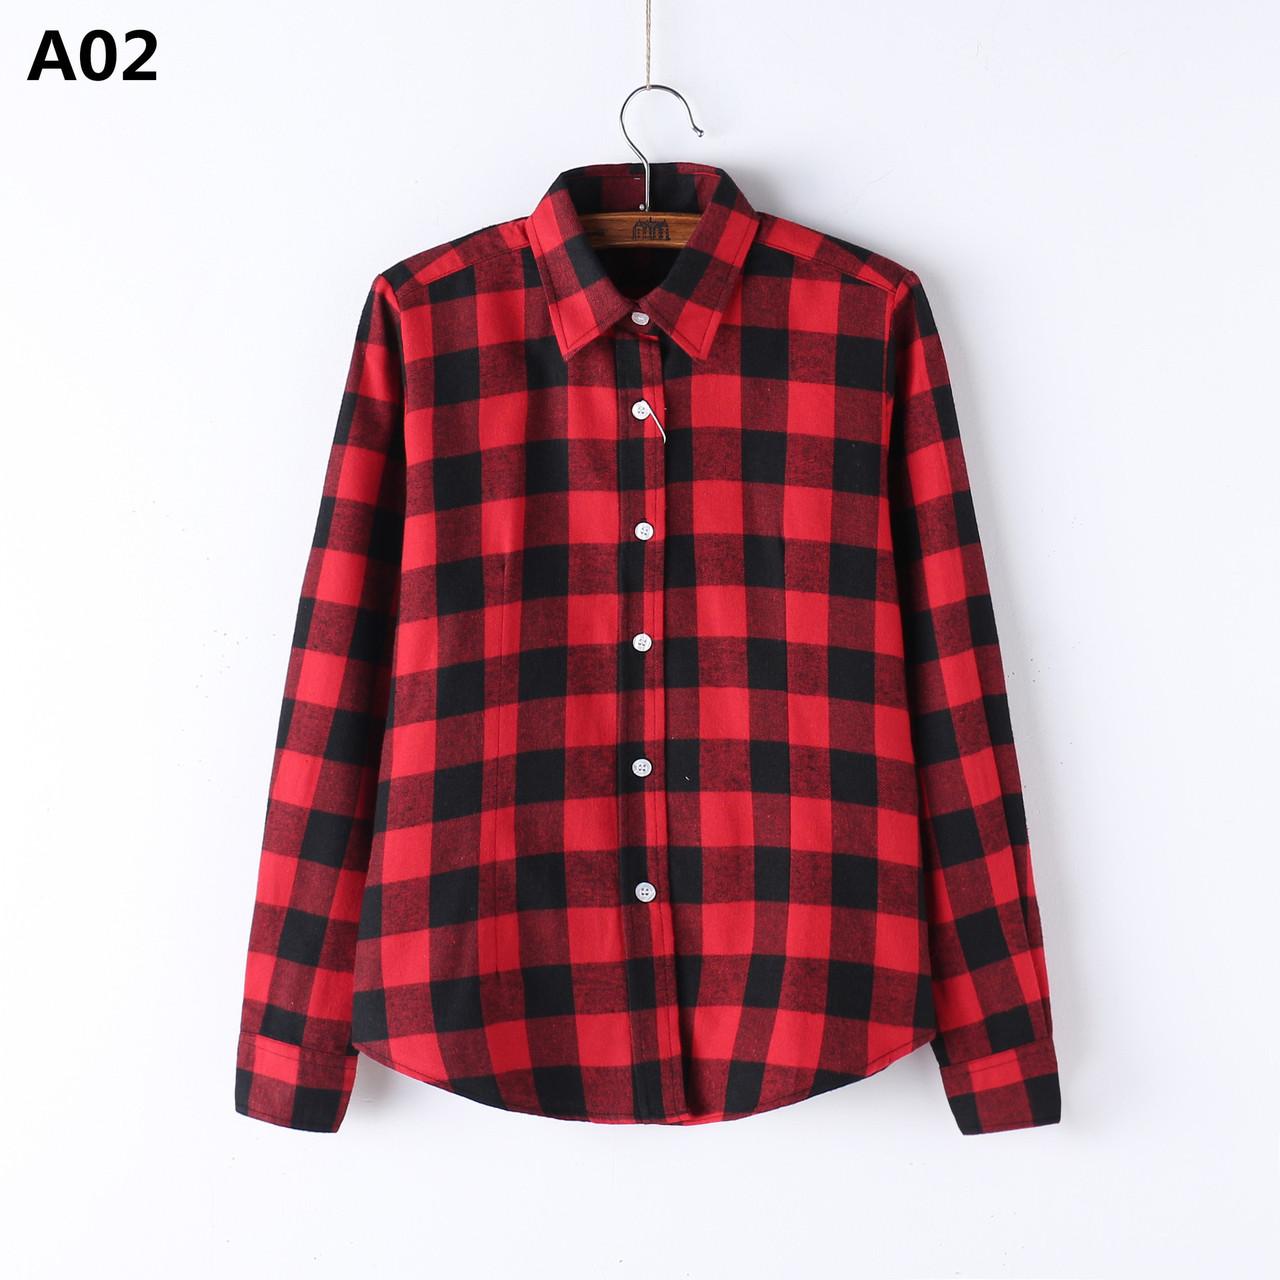 9c1f274076e Рубашка женская в клетку NNT 889 M-5XL Рубашки женские клетчатые -  супермаркет матадор в